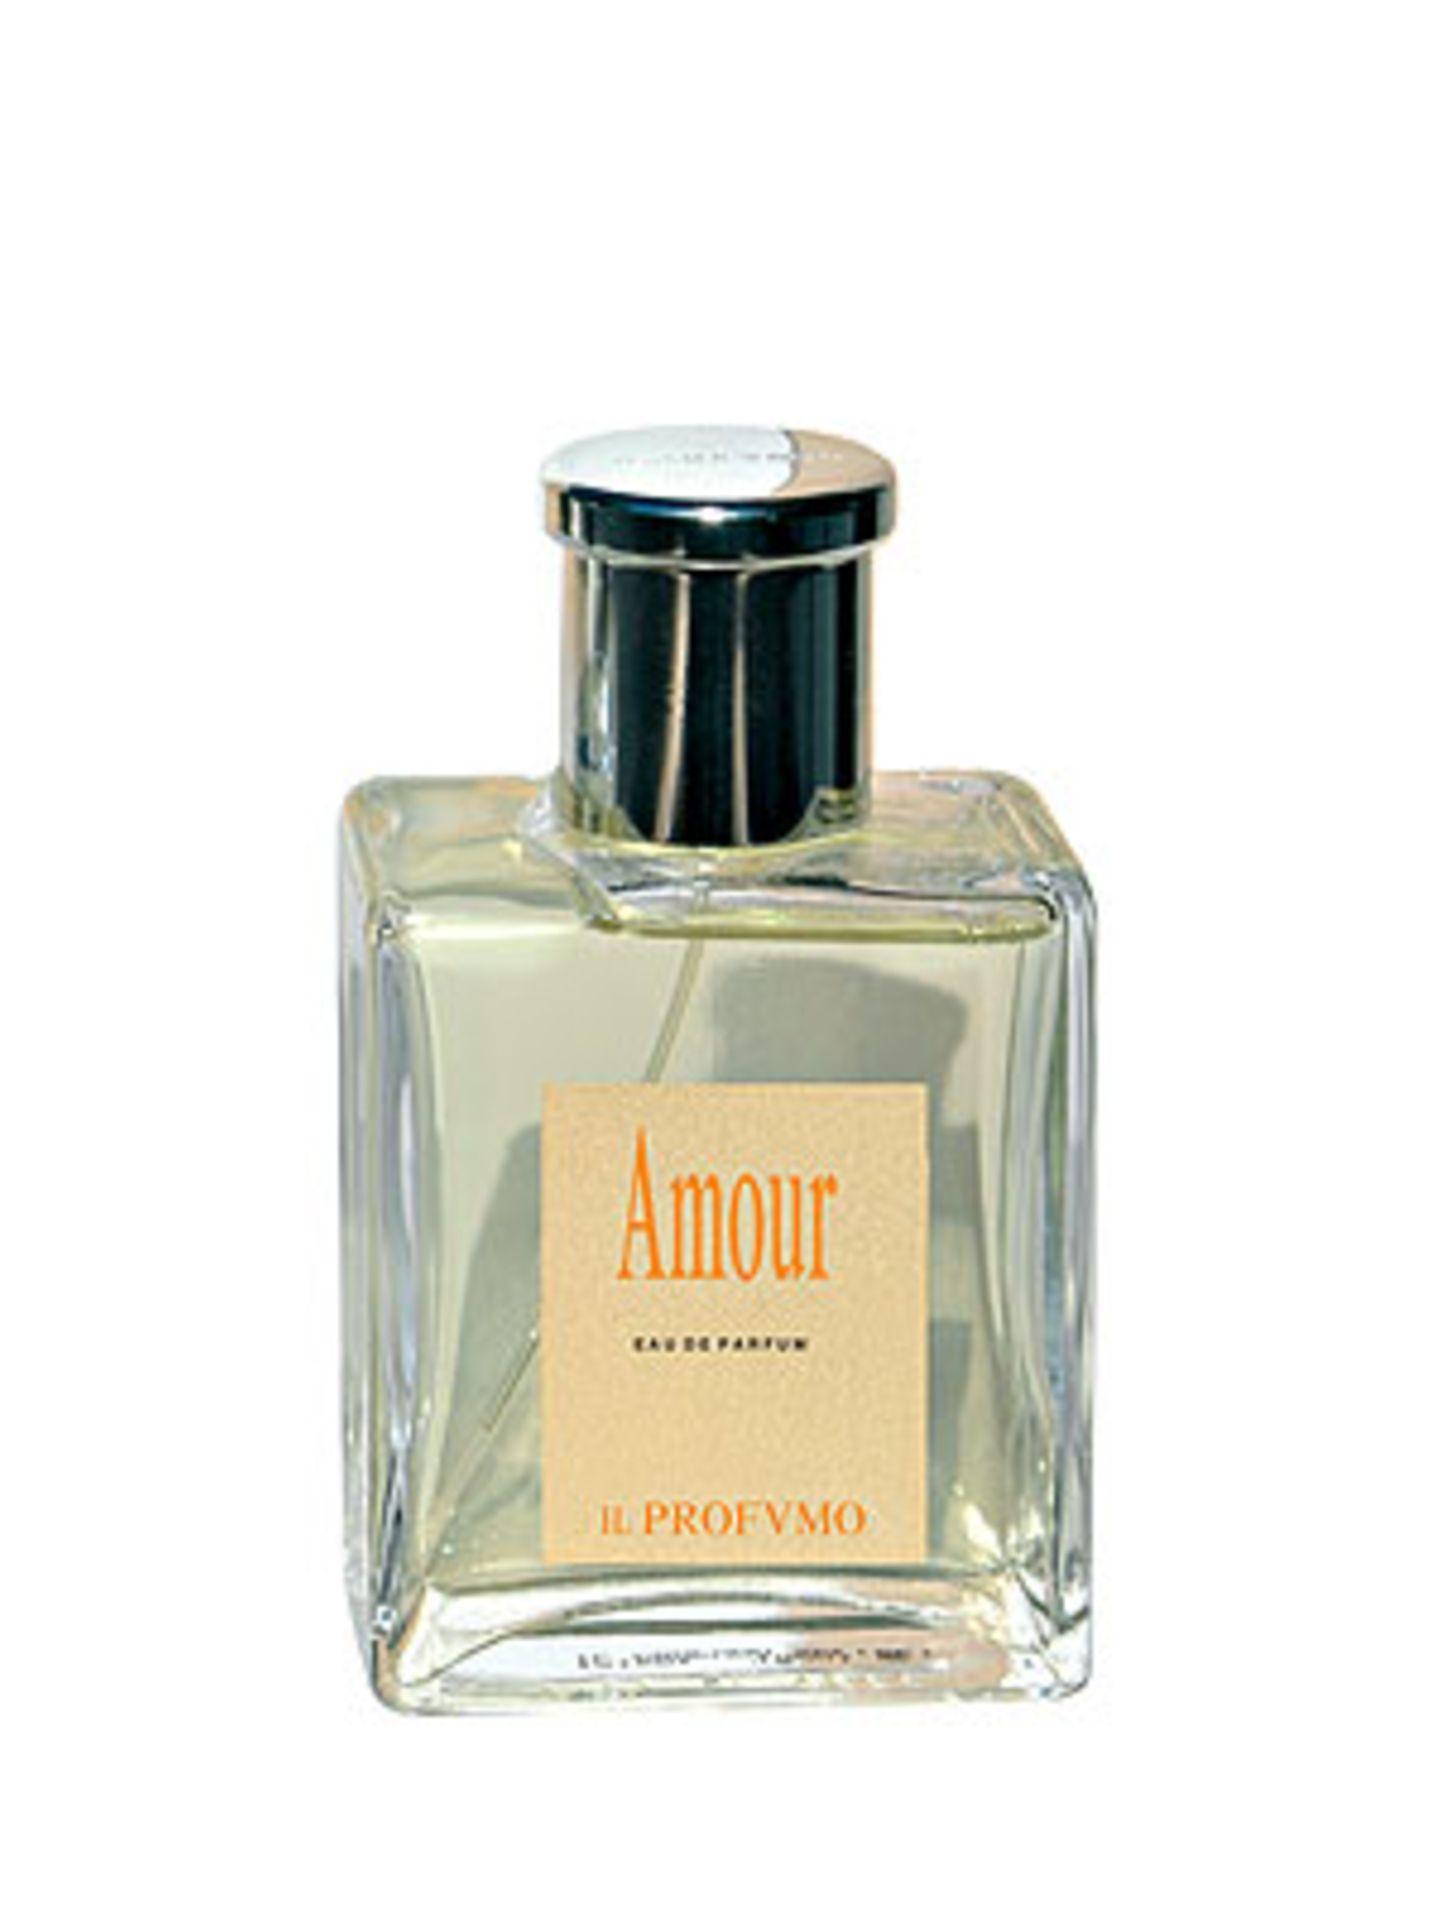 """Il Profvmo: Amour    Amour ist ein lieblicher und femininer Duft. Ein Duft, dessen Thema eine zarte, junge Liebe ist und die Trägerin auf Wolken schweben lassen soll.    Duftkomposition: Mandarine, Trollblume, gelber Pfirsich, Maiglöckchen, Freesie, Myrrhe-Beeren, gelbe Rosen, weiße Lilie, weiße Iris, Benzoe Siam.    Duftnote: blumig, pudrig.    Zusammen mit sieben weiteren Eau de Parfums ist Amour Teil der klassischen Linie von Il Profvmo - einer der """"Shooting Stars"""" unter den Duftmarken. Gegründet wurde die Marke von Aromatherapeutin und Kosmetologin Silvana Casoli. Neben der klassischen Linie entwickelte sie auch das Projekt der Osmo Parfums, die über den physikalischen Prozess der Osmose in die Epidermis gelangen und dort innerhalb von 24 Stunden freigegeben werden.    Preis: 84 Euro für 50 ml"""